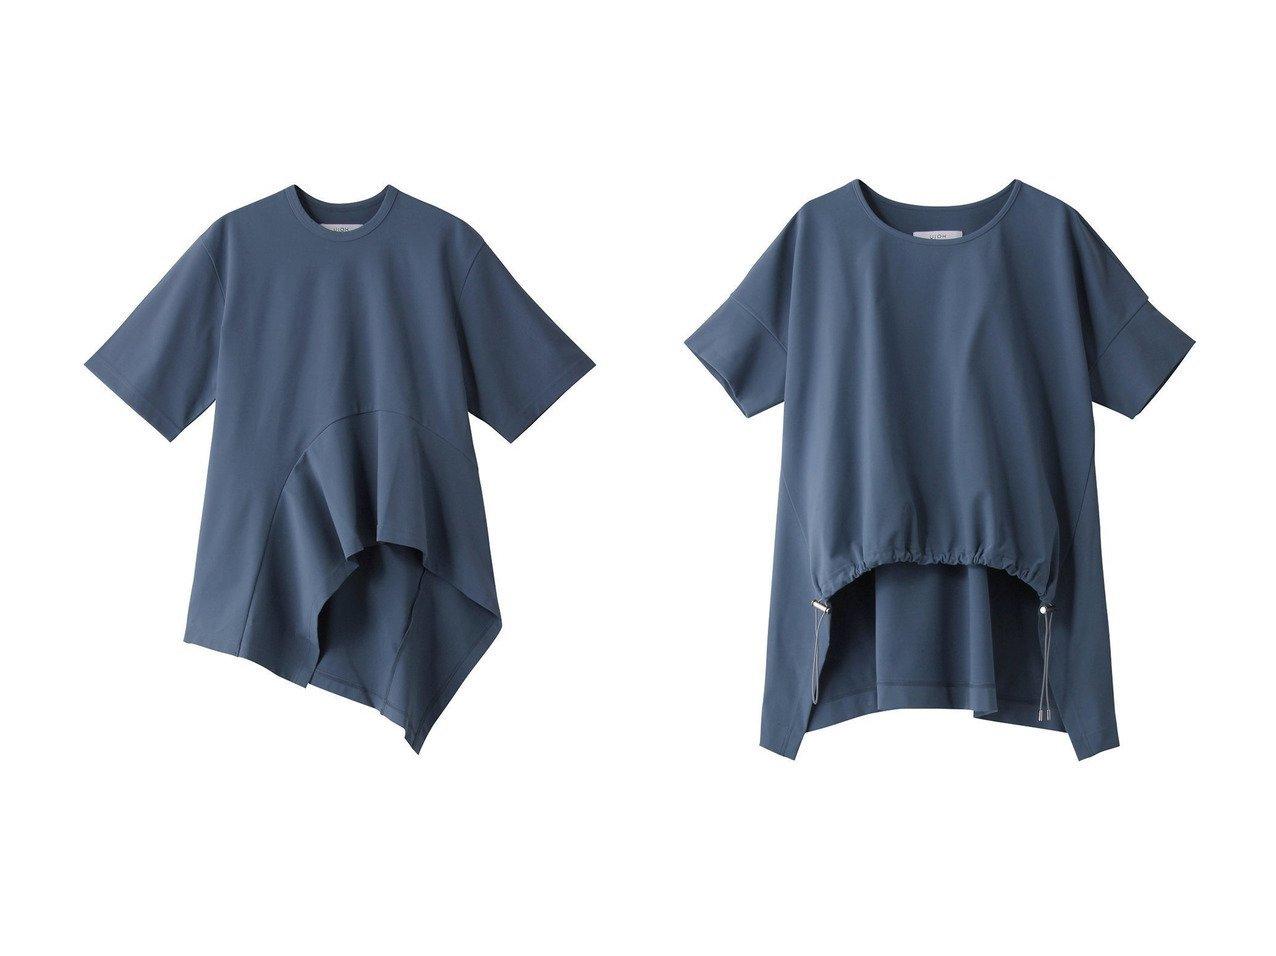 【Ujoh/ウジョー】のフレックスジャージーフロントドローコードTシャツ&フレックスジャージーフレアトリミングTシャツ 【トップス・カットソー】おすすめ!人気トレンド・レディースファッションの通販  おすすめで人気の流行・トレンド、ファッションの通販商品 メンズファッション・キッズファッション・インテリア・家具・レディースファッション・服の通販 founy(ファニー) https://founy.com/ ファッション Fashion レディースファッション WOMEN トップス・カットソー Tops/Tshirt シャツ/ブラウス Shirts/Blouses ロング / Tシャツ T-Shirts カットソー Cut and Sewn ショート シンプル ジャージ スリーブ トリミング フレア ロング ドローコード フロント ボトム |ID:crp329100000029752